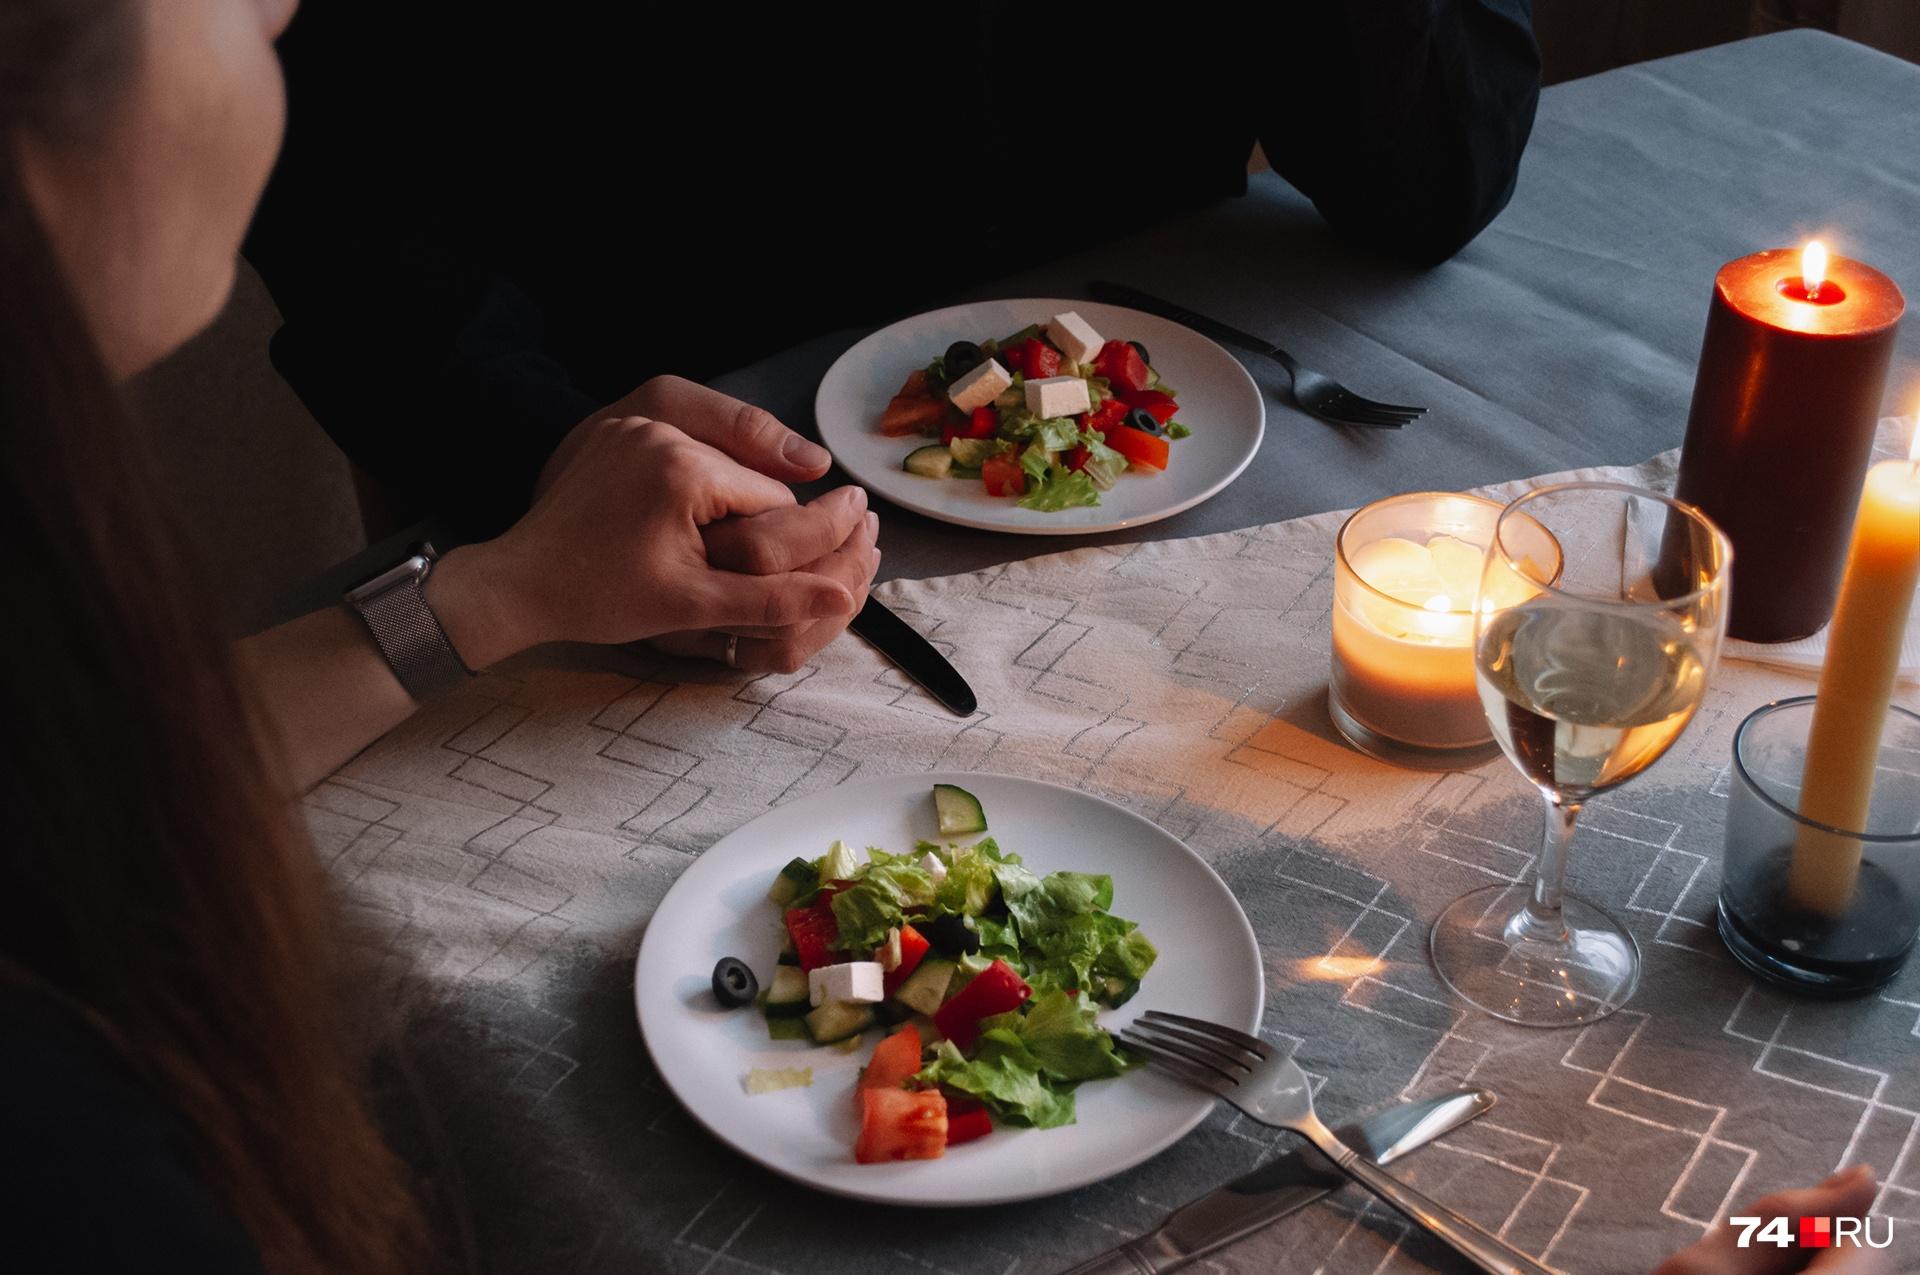 Не нагружайте желудок — иначе просто не сможете подняться из-за стола